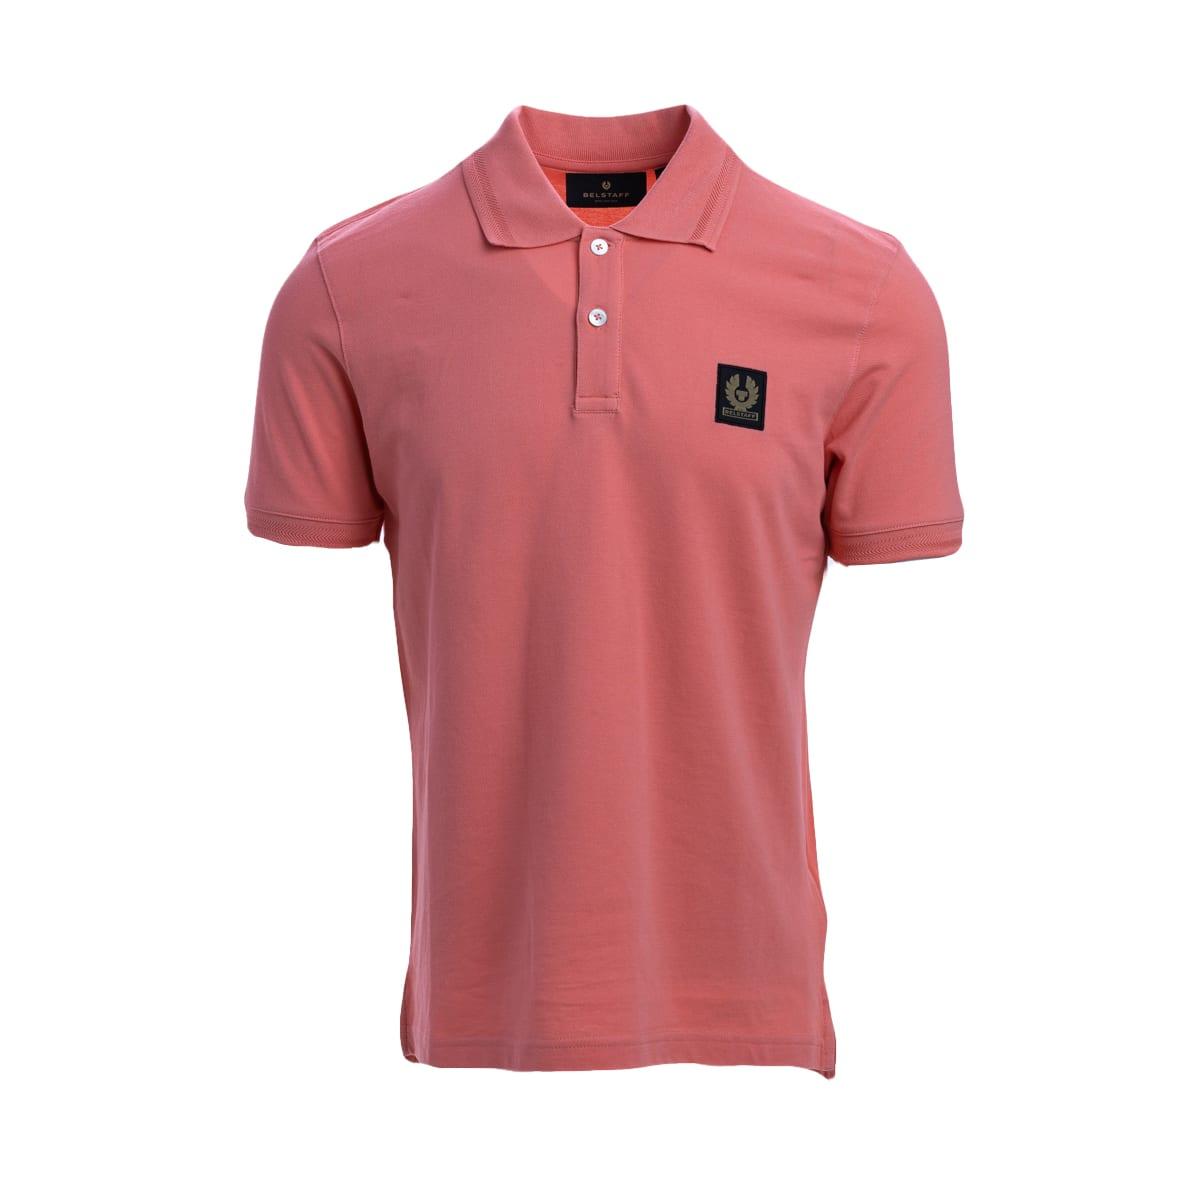 Belstaff Belstaff Polo Shirt